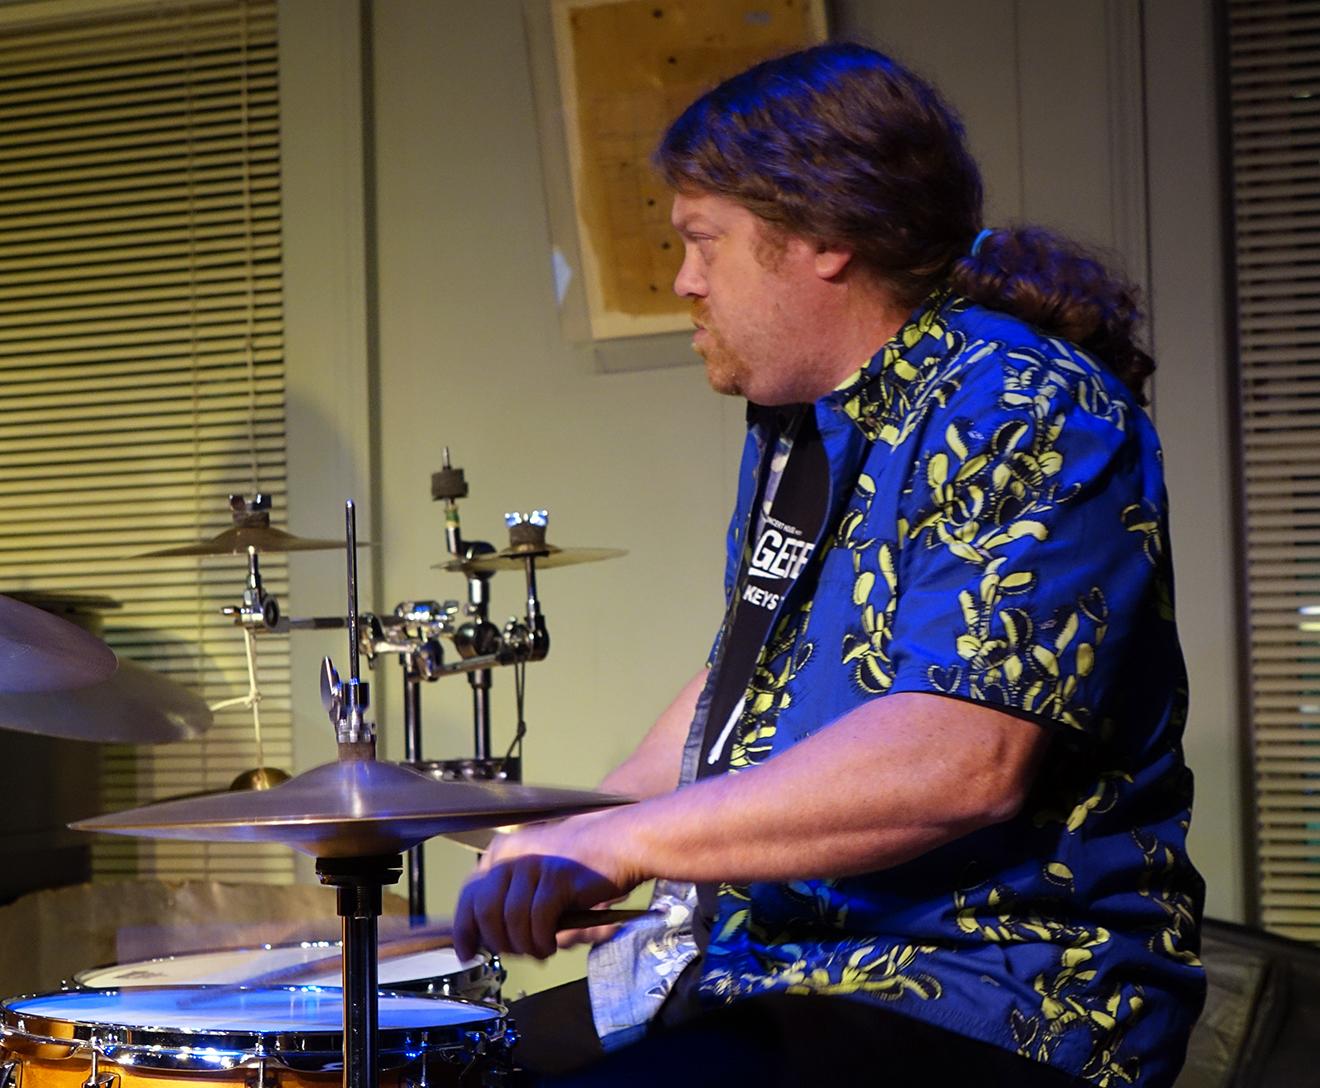 Andrew Drury at Edgefest 2015